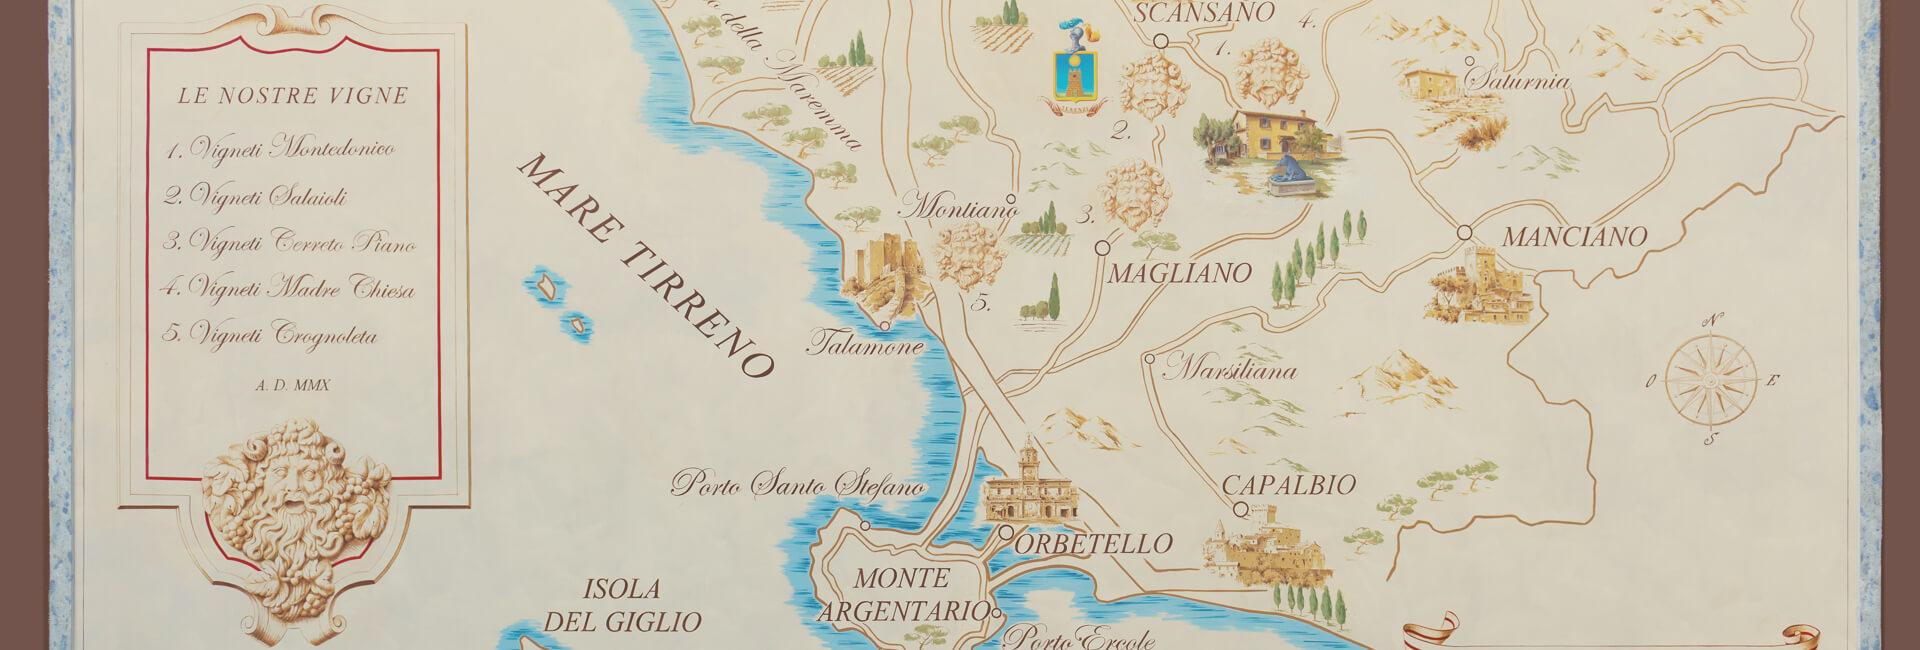 territorio-terenzi-viticolori-scansano